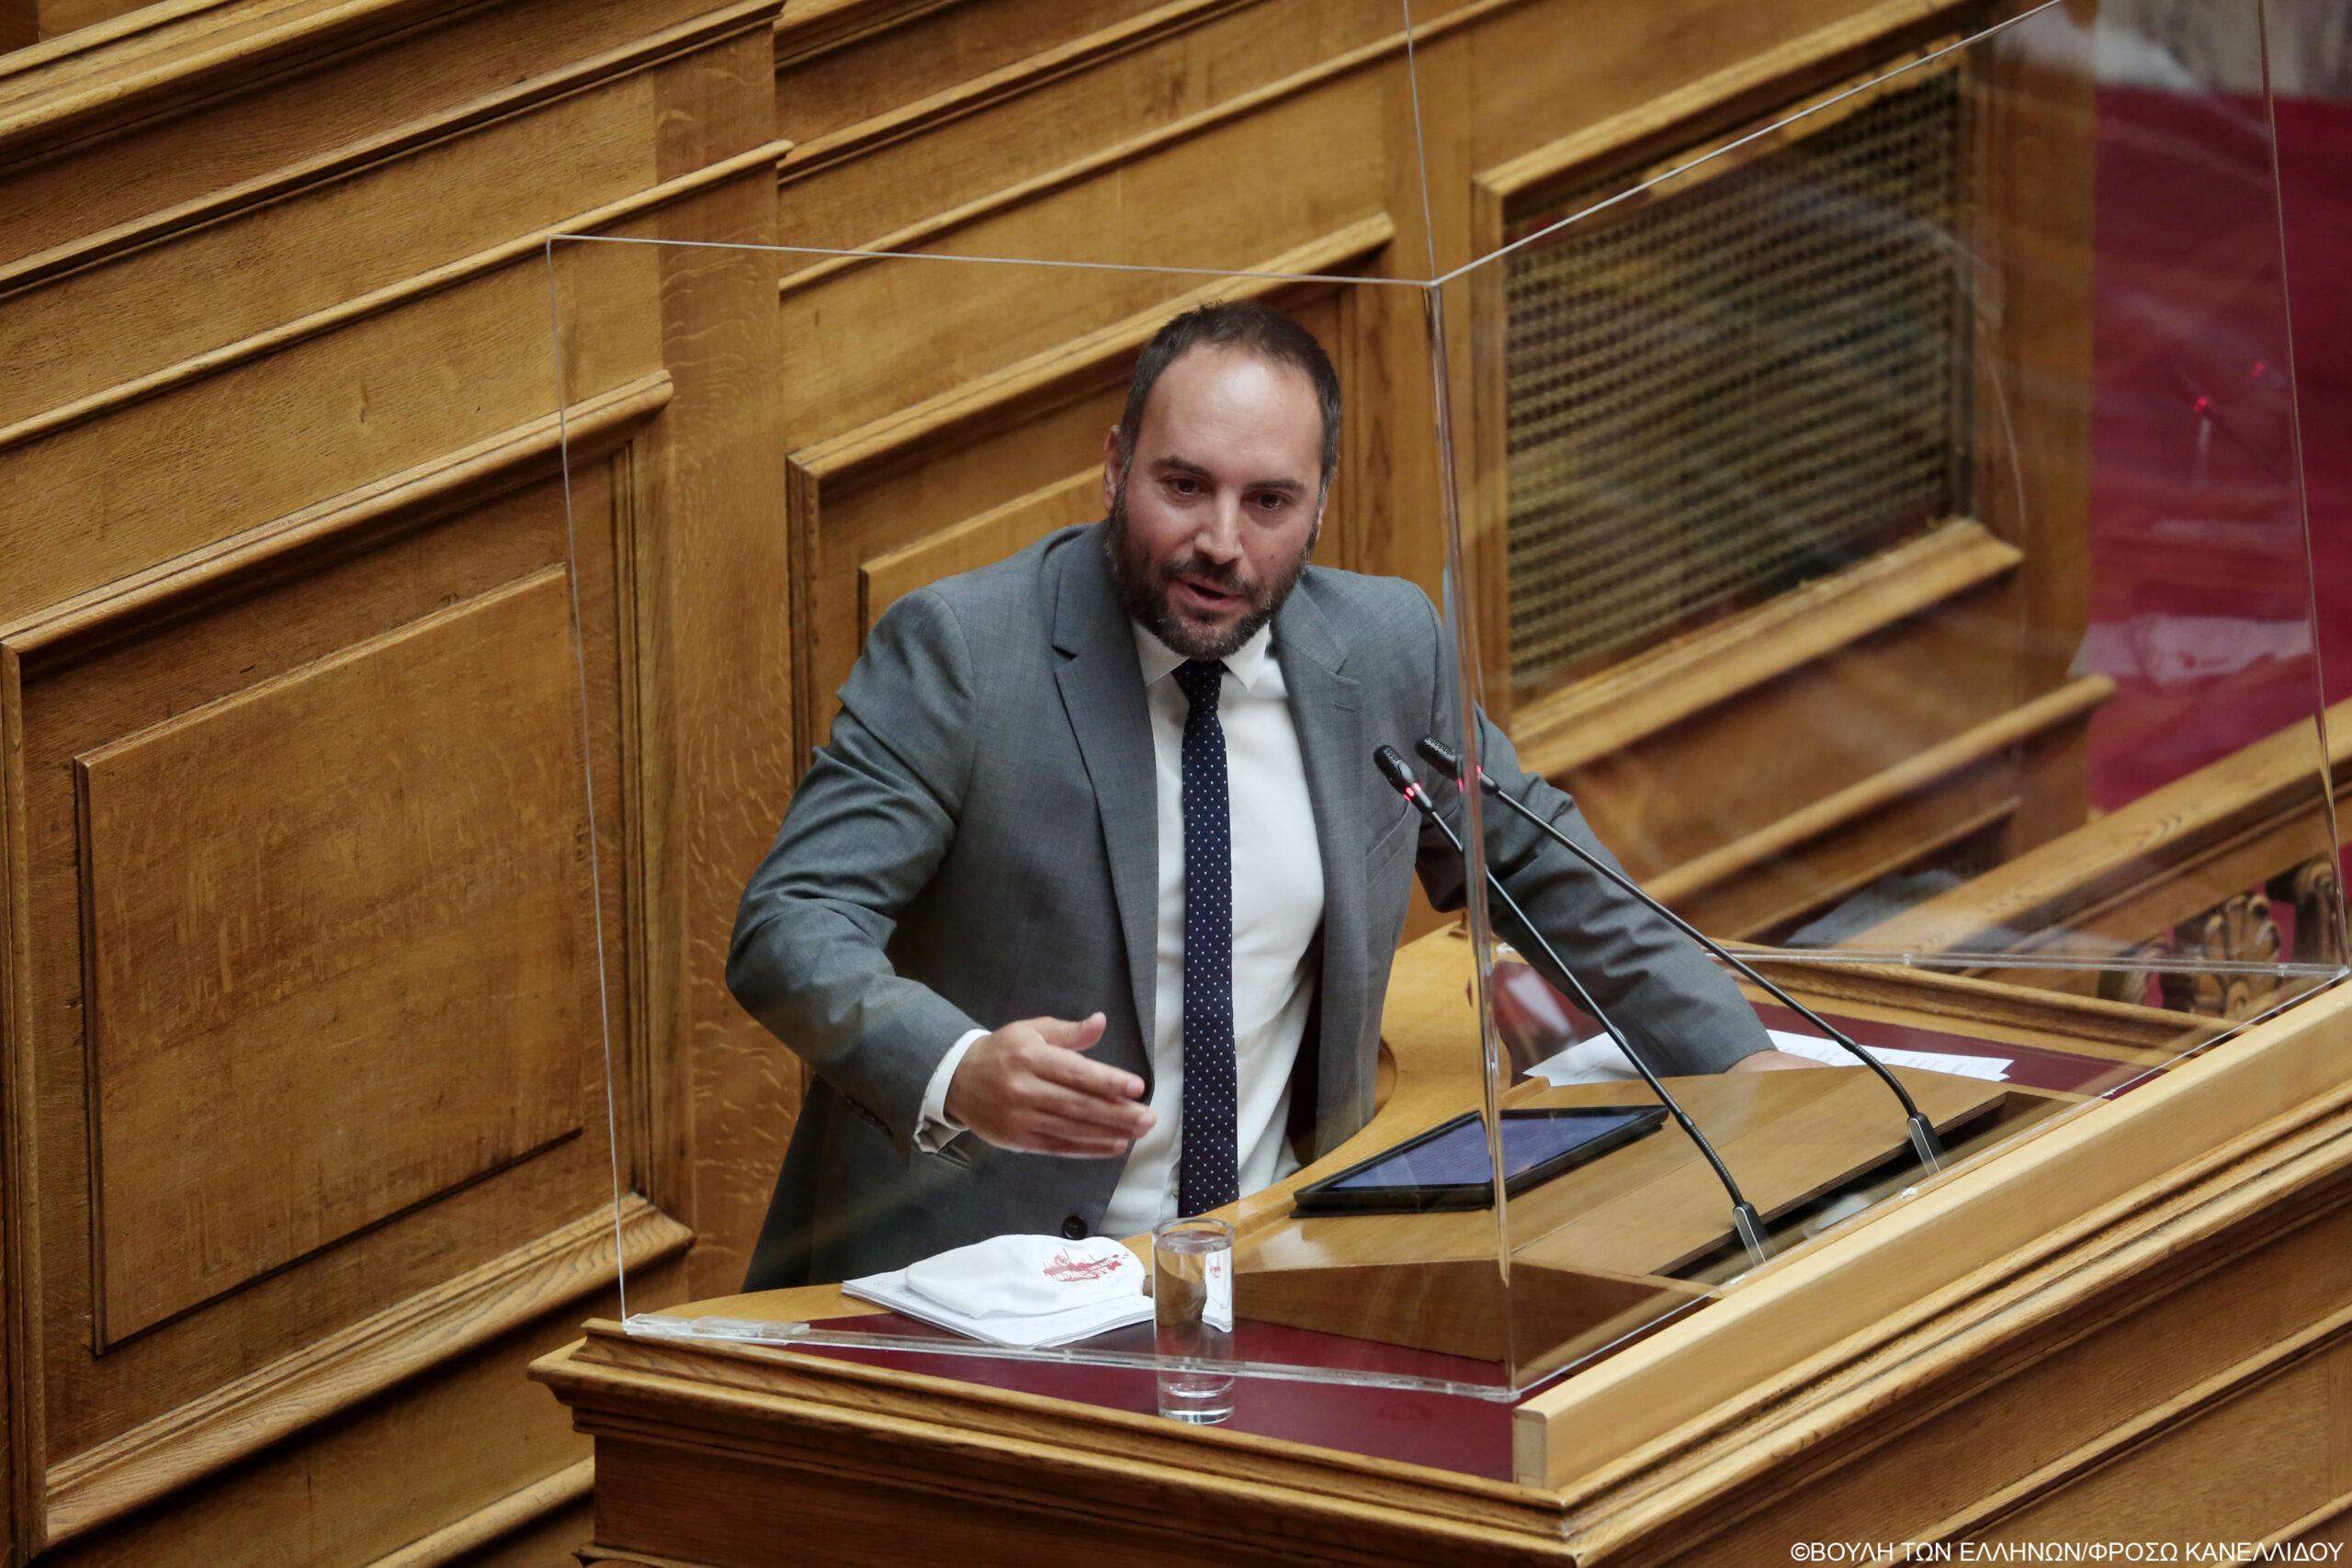 Μ. Χατζηγιαννάκης: Χωρίς οδηγούς ασθενοφόρων έχει μείνει ο Δήμος Μαντουδίου- Λίμνης – Αγ. Άννας